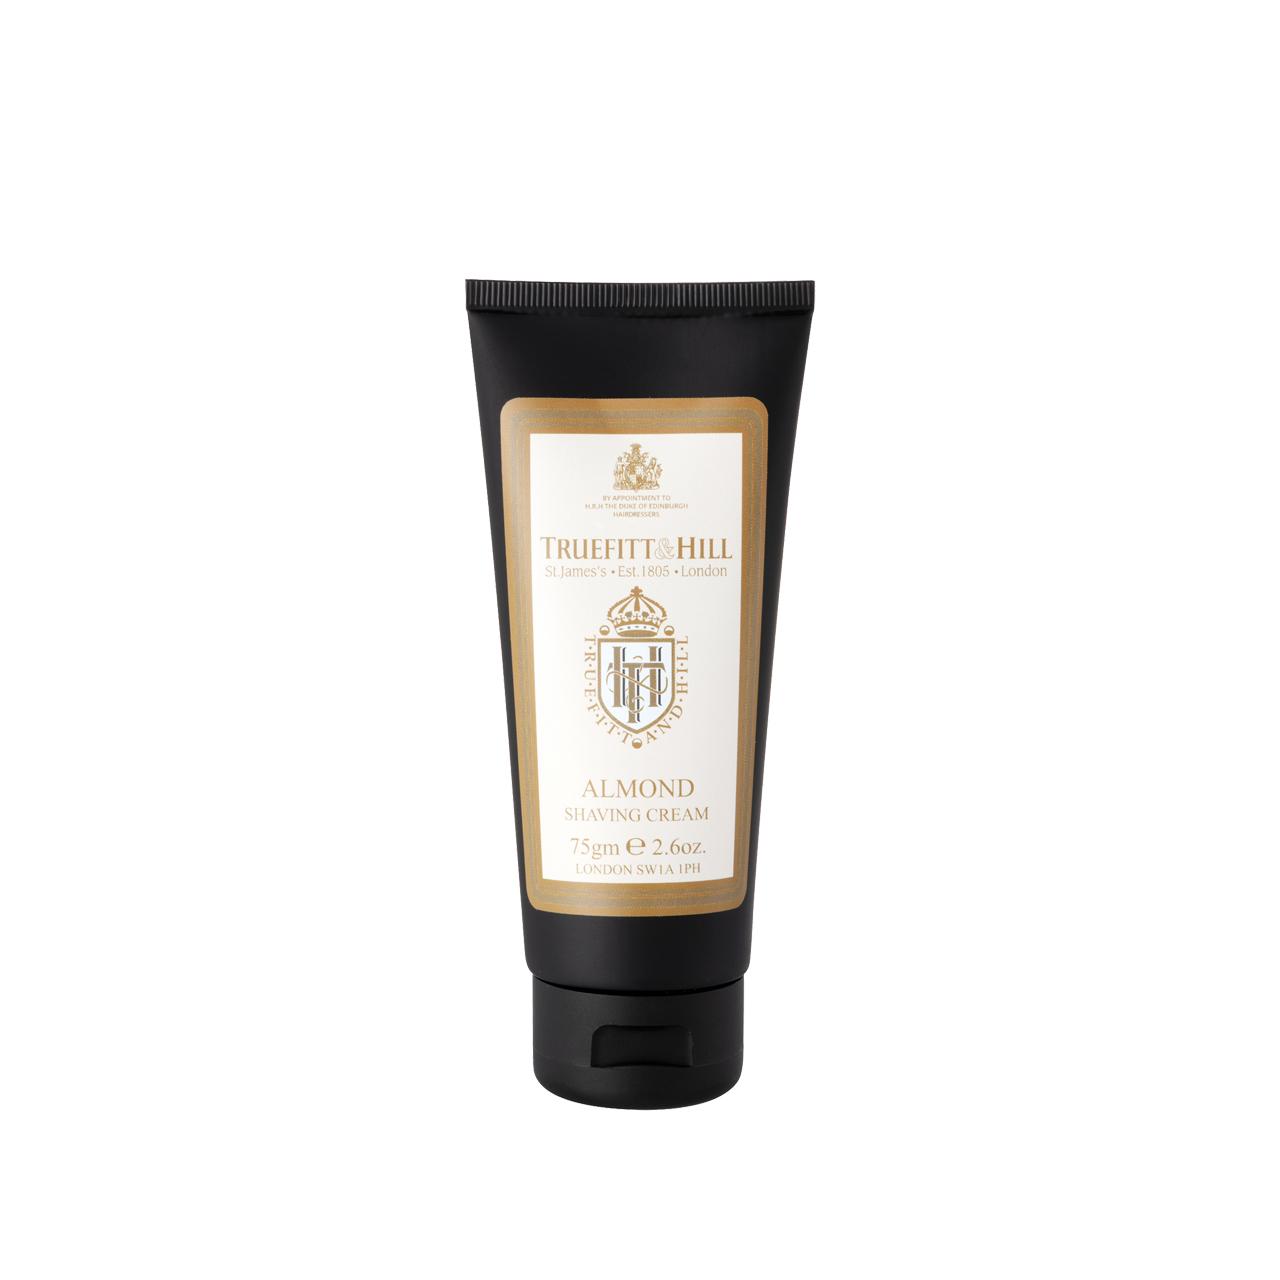 Almond - Shaving Cream Tube